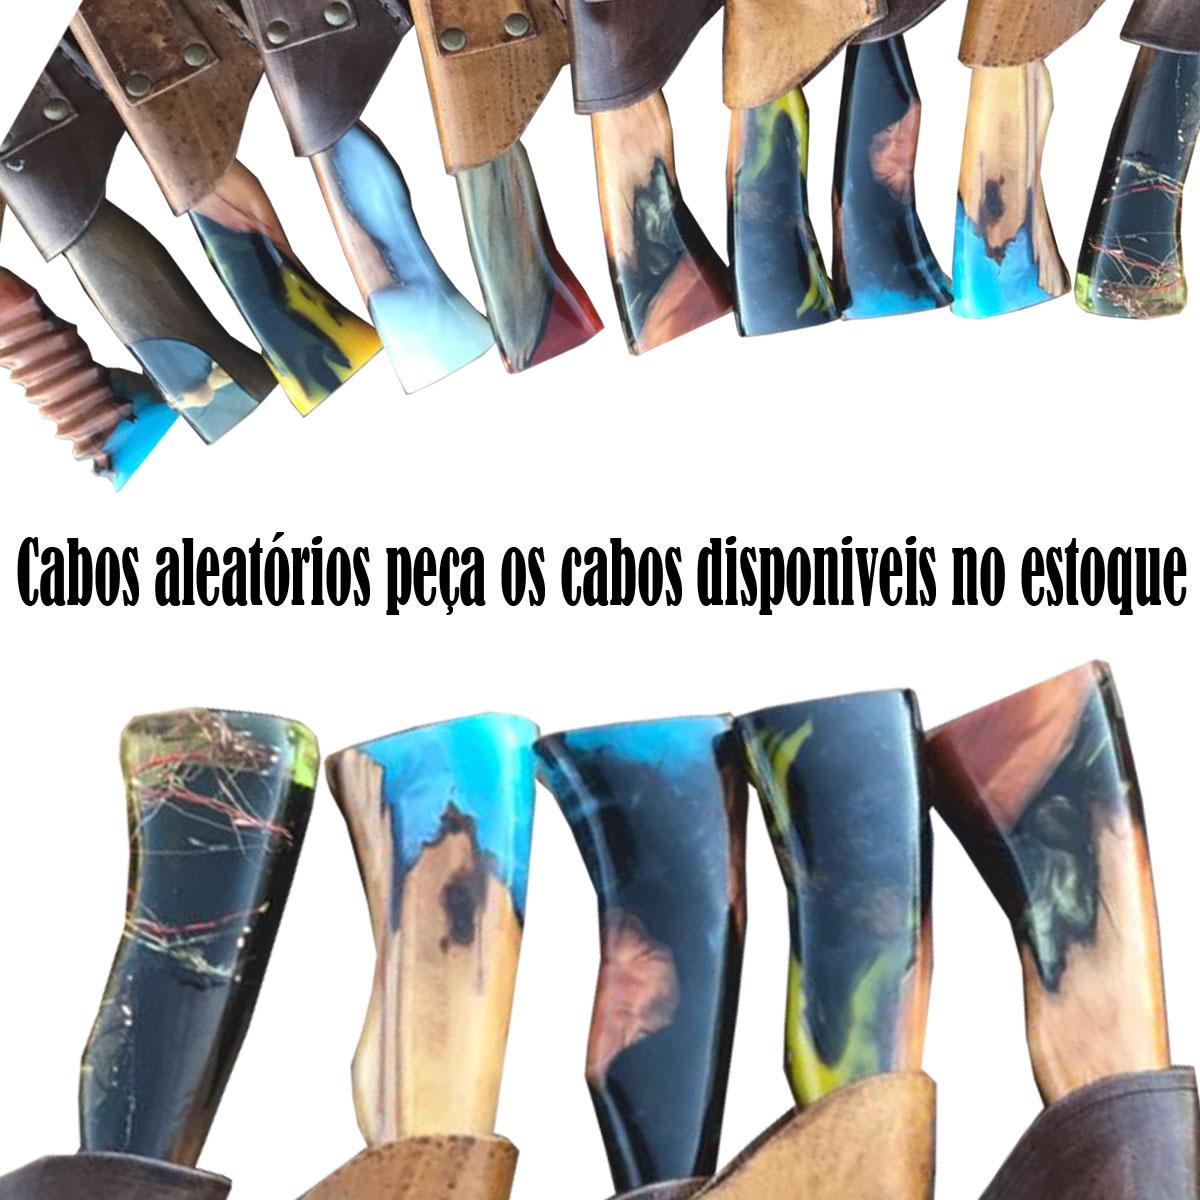 Faca Artesanal Tradicional Churrasco Cabo Híbrido Inox 8 Pol